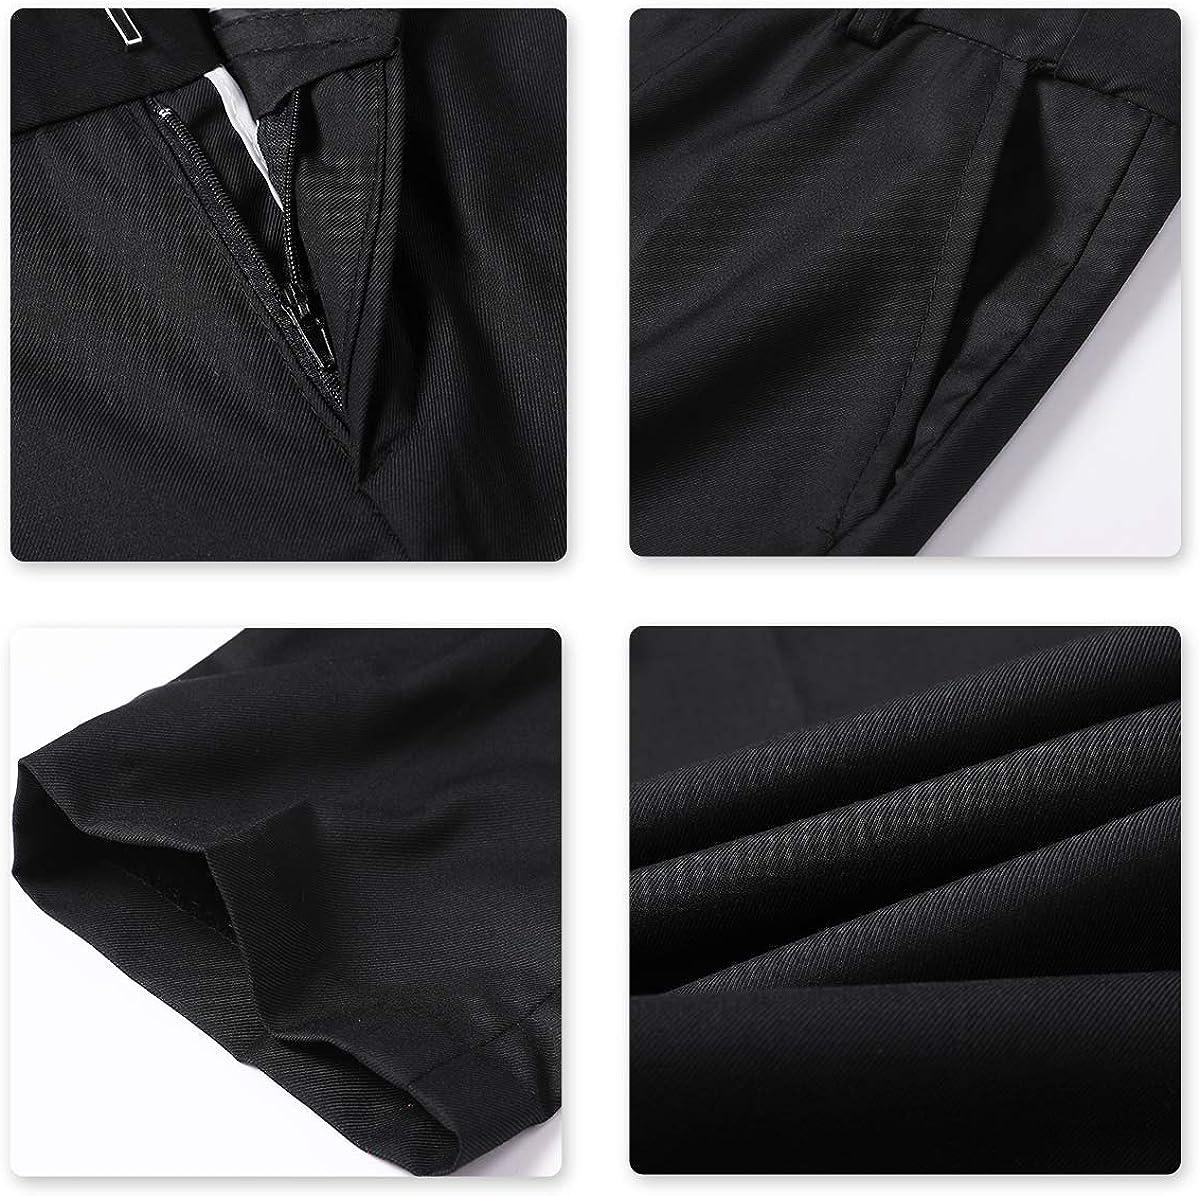 Boys Tuxedo Suit Shiny Fashion Dress 2 Pieces Blazer Pants Sequin Formal